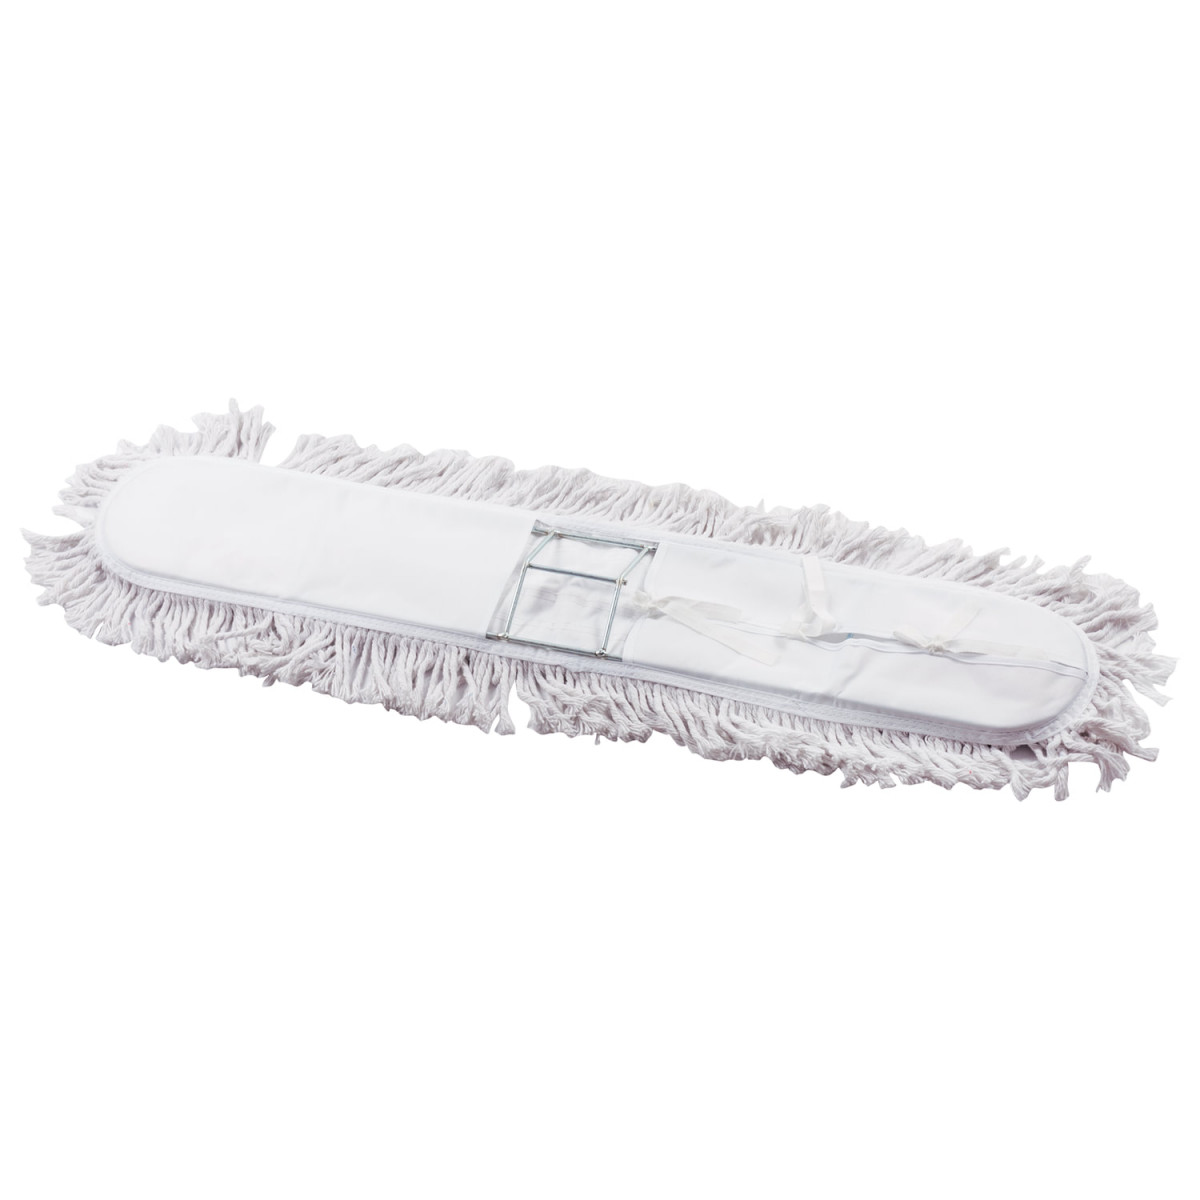 Швабра-рамка 90 см, стальной черенок 125 см, цельный держатель, МОП с завязками, хлопок, LAIMA, 603603 (арт. 603603)